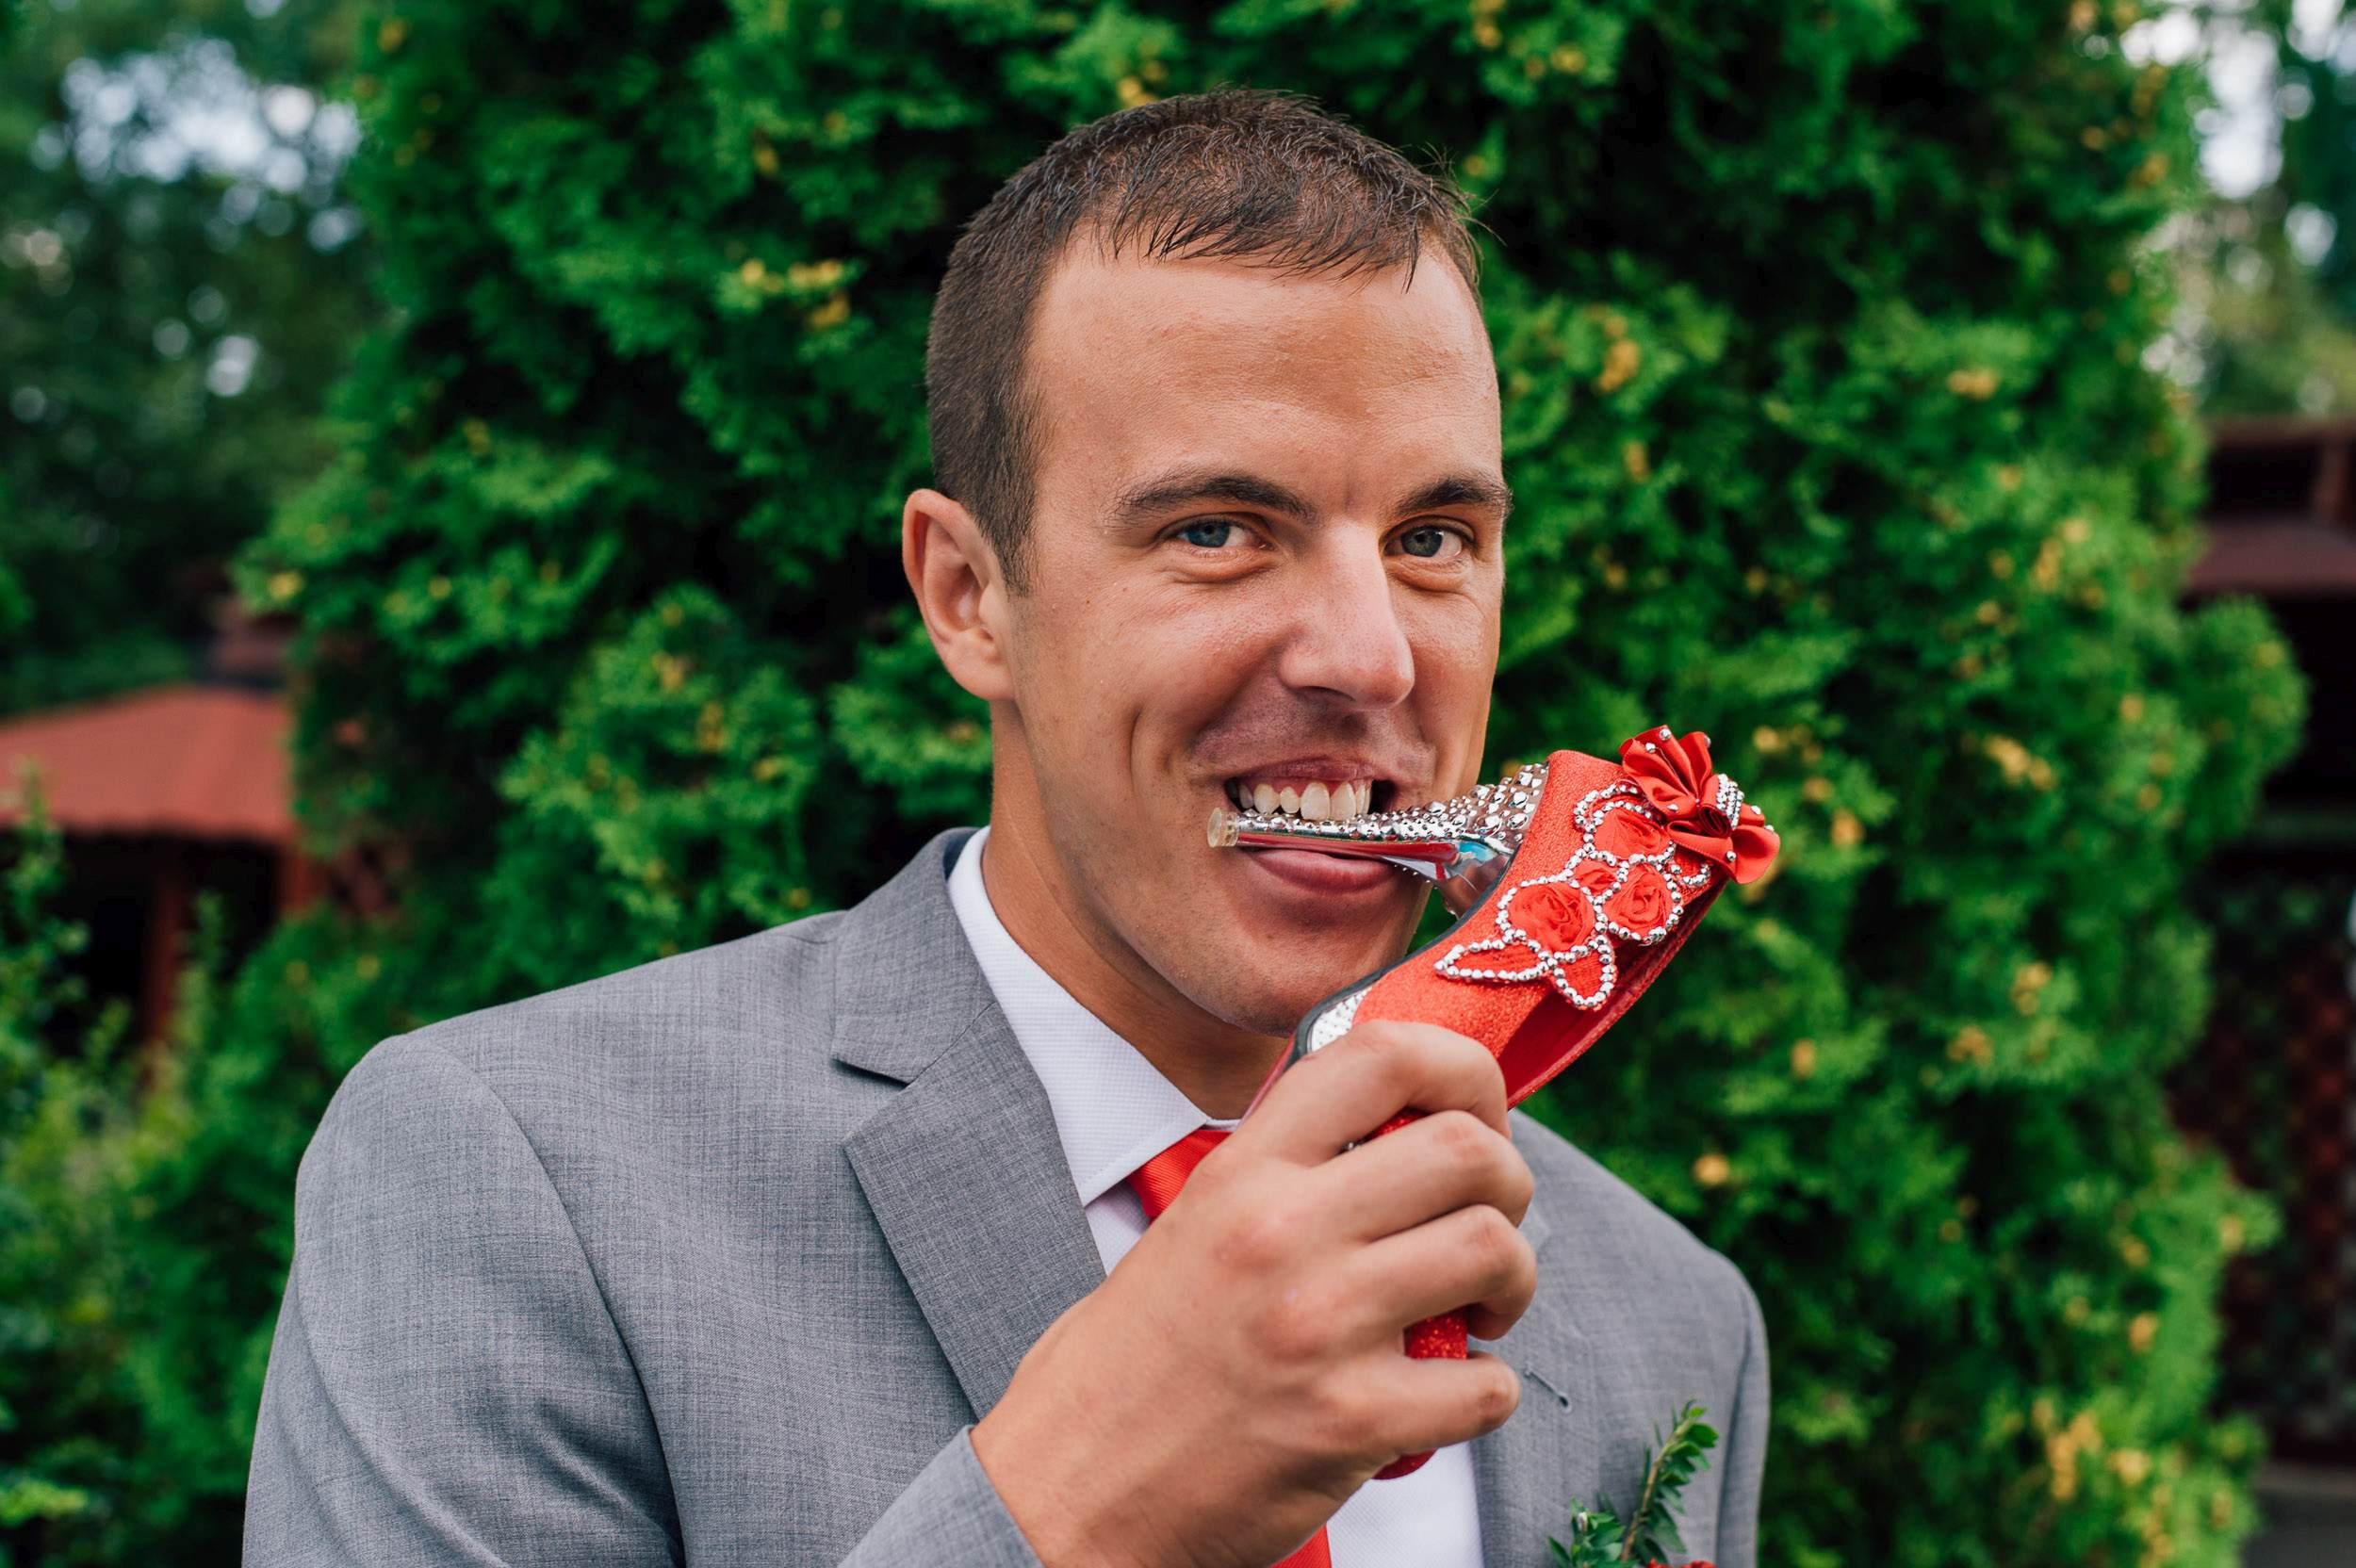 Svatební fotograf, Zastávka u Brna, Brno, jižní Morava